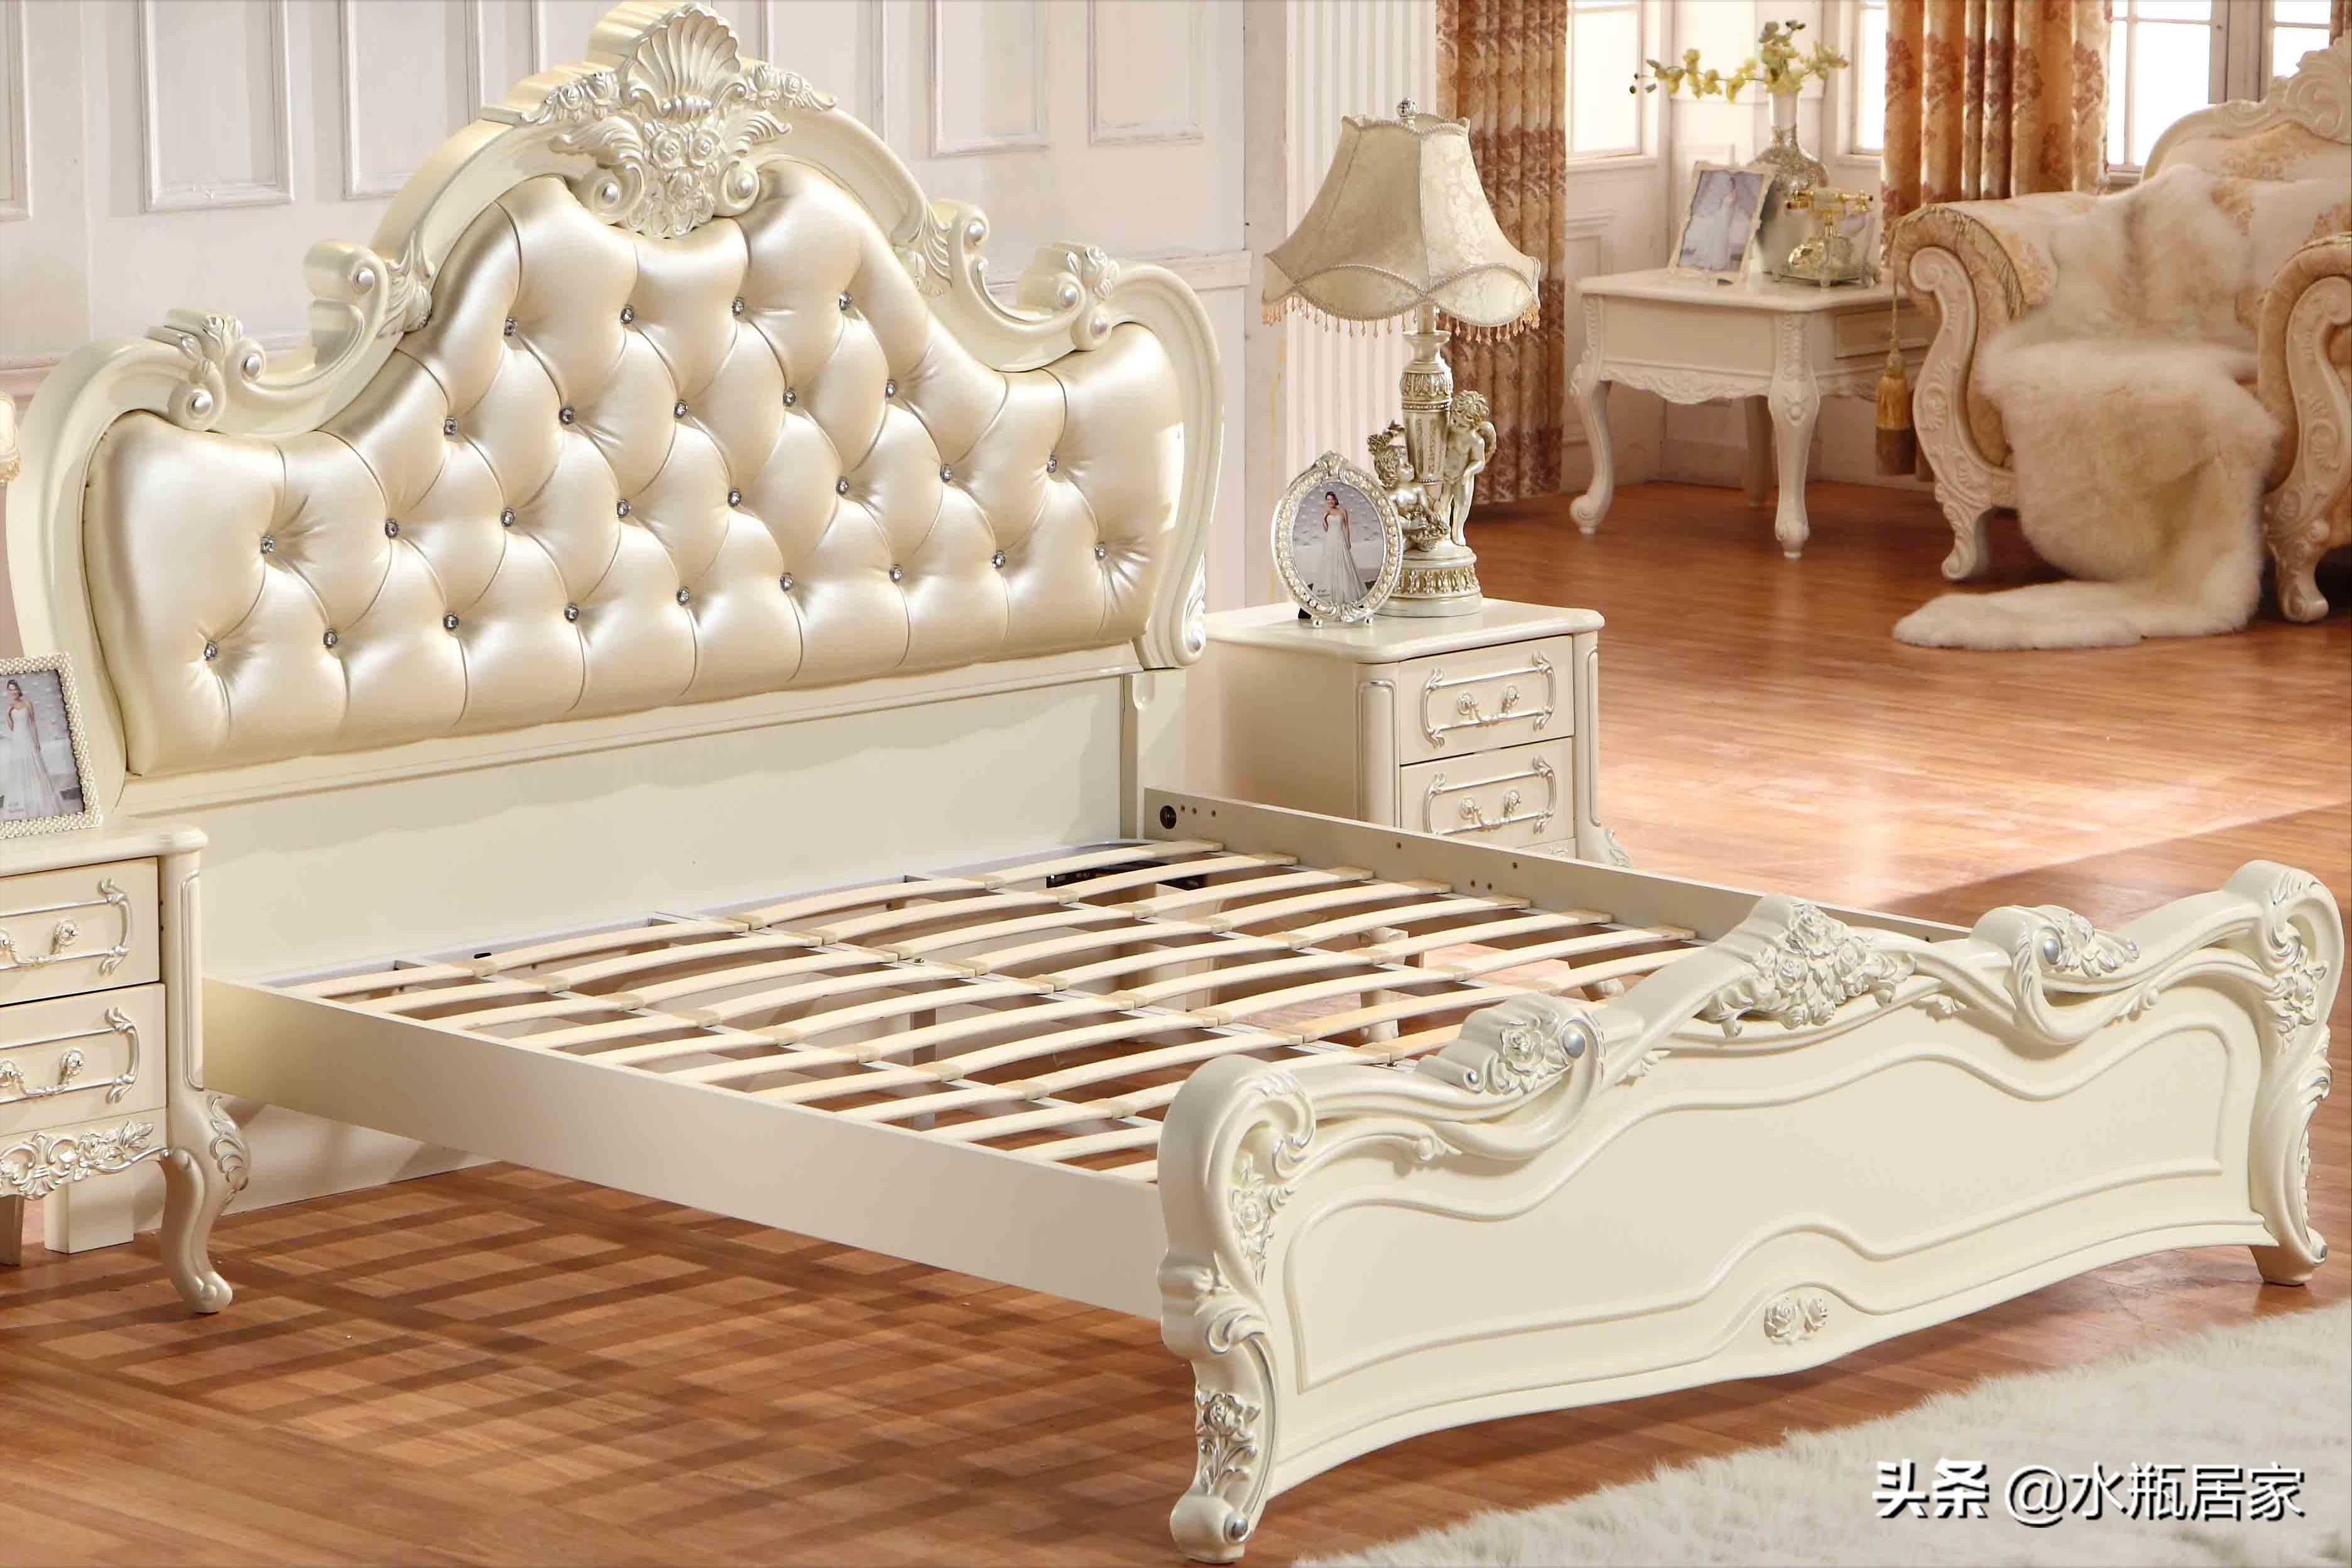 框架結構和箱框結構的床有什么區別?哪種好?該如何選擇?